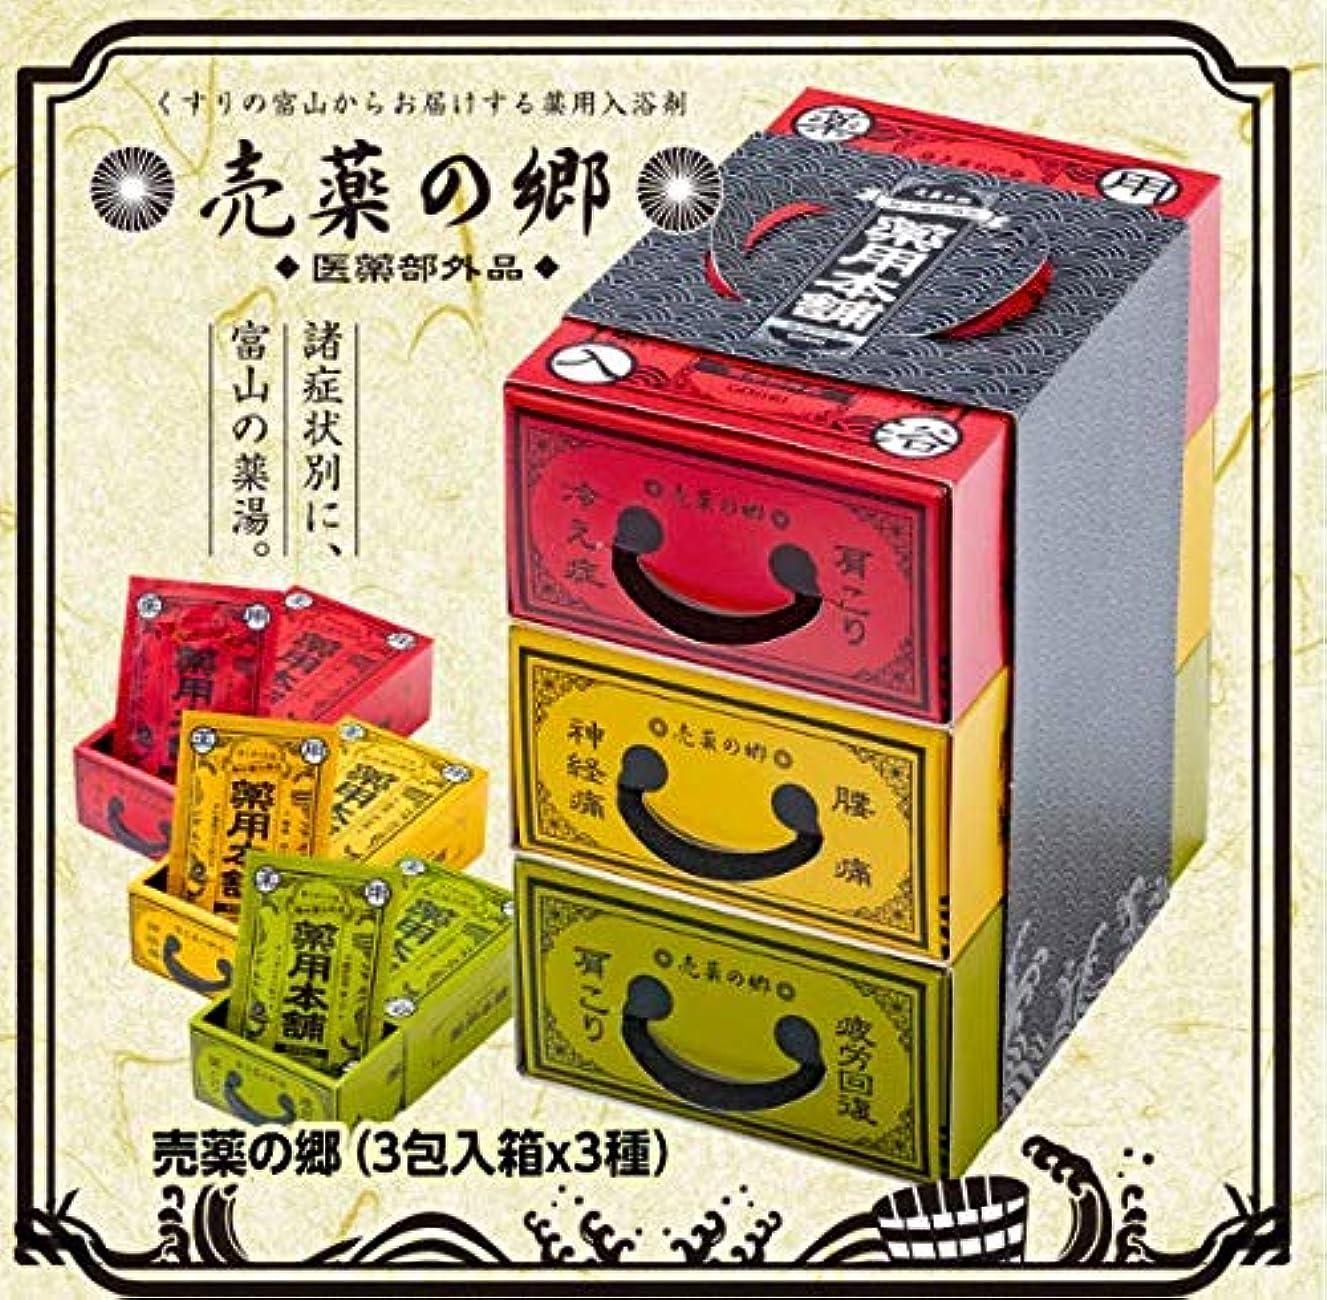 フィクション散歩疎外する薬の富山の薬用入浴剤 売薬の郷 薬用本舗3箱セット 10セット